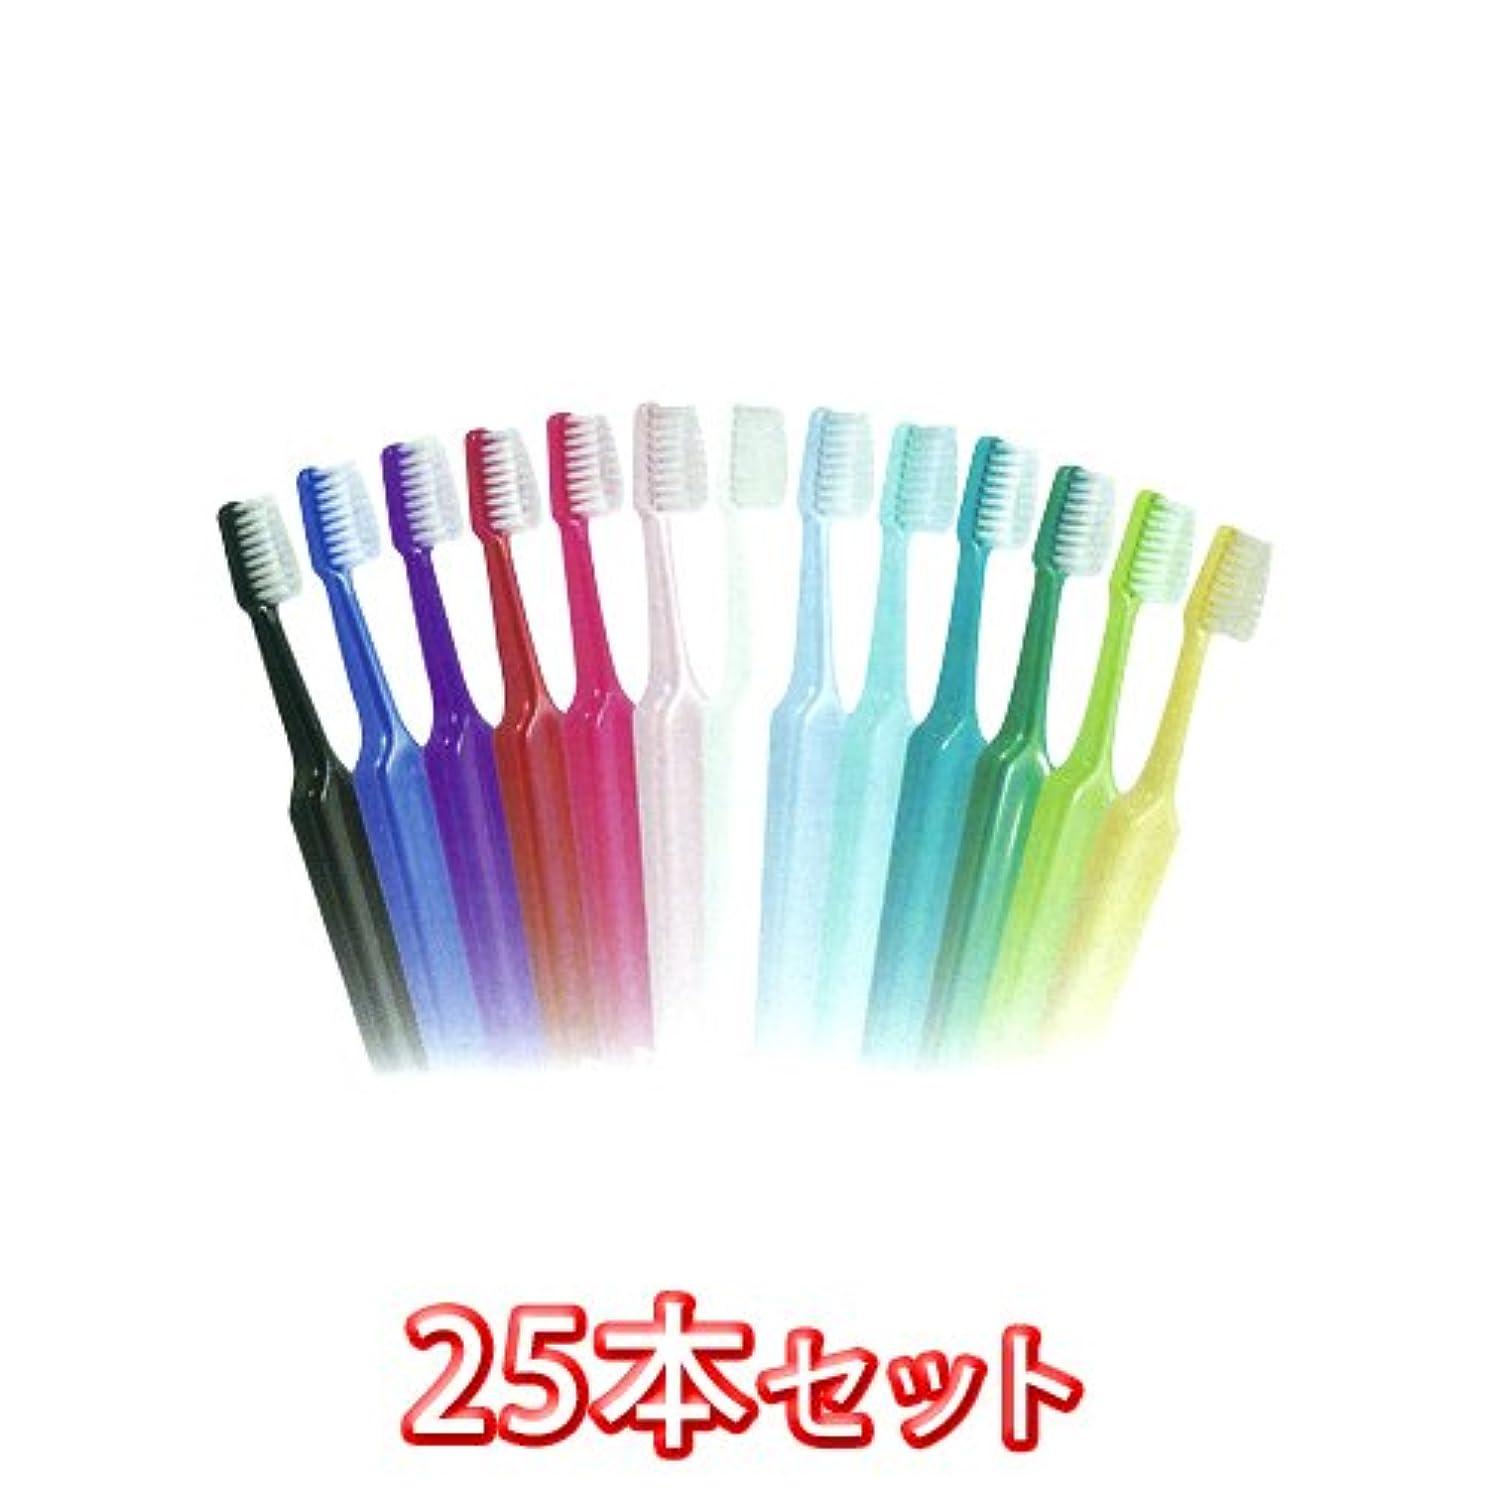 逸話混乱した繰り返すTePeテペセレクトコンパクト歯ブラシ 25本(コンパクトミディアム)